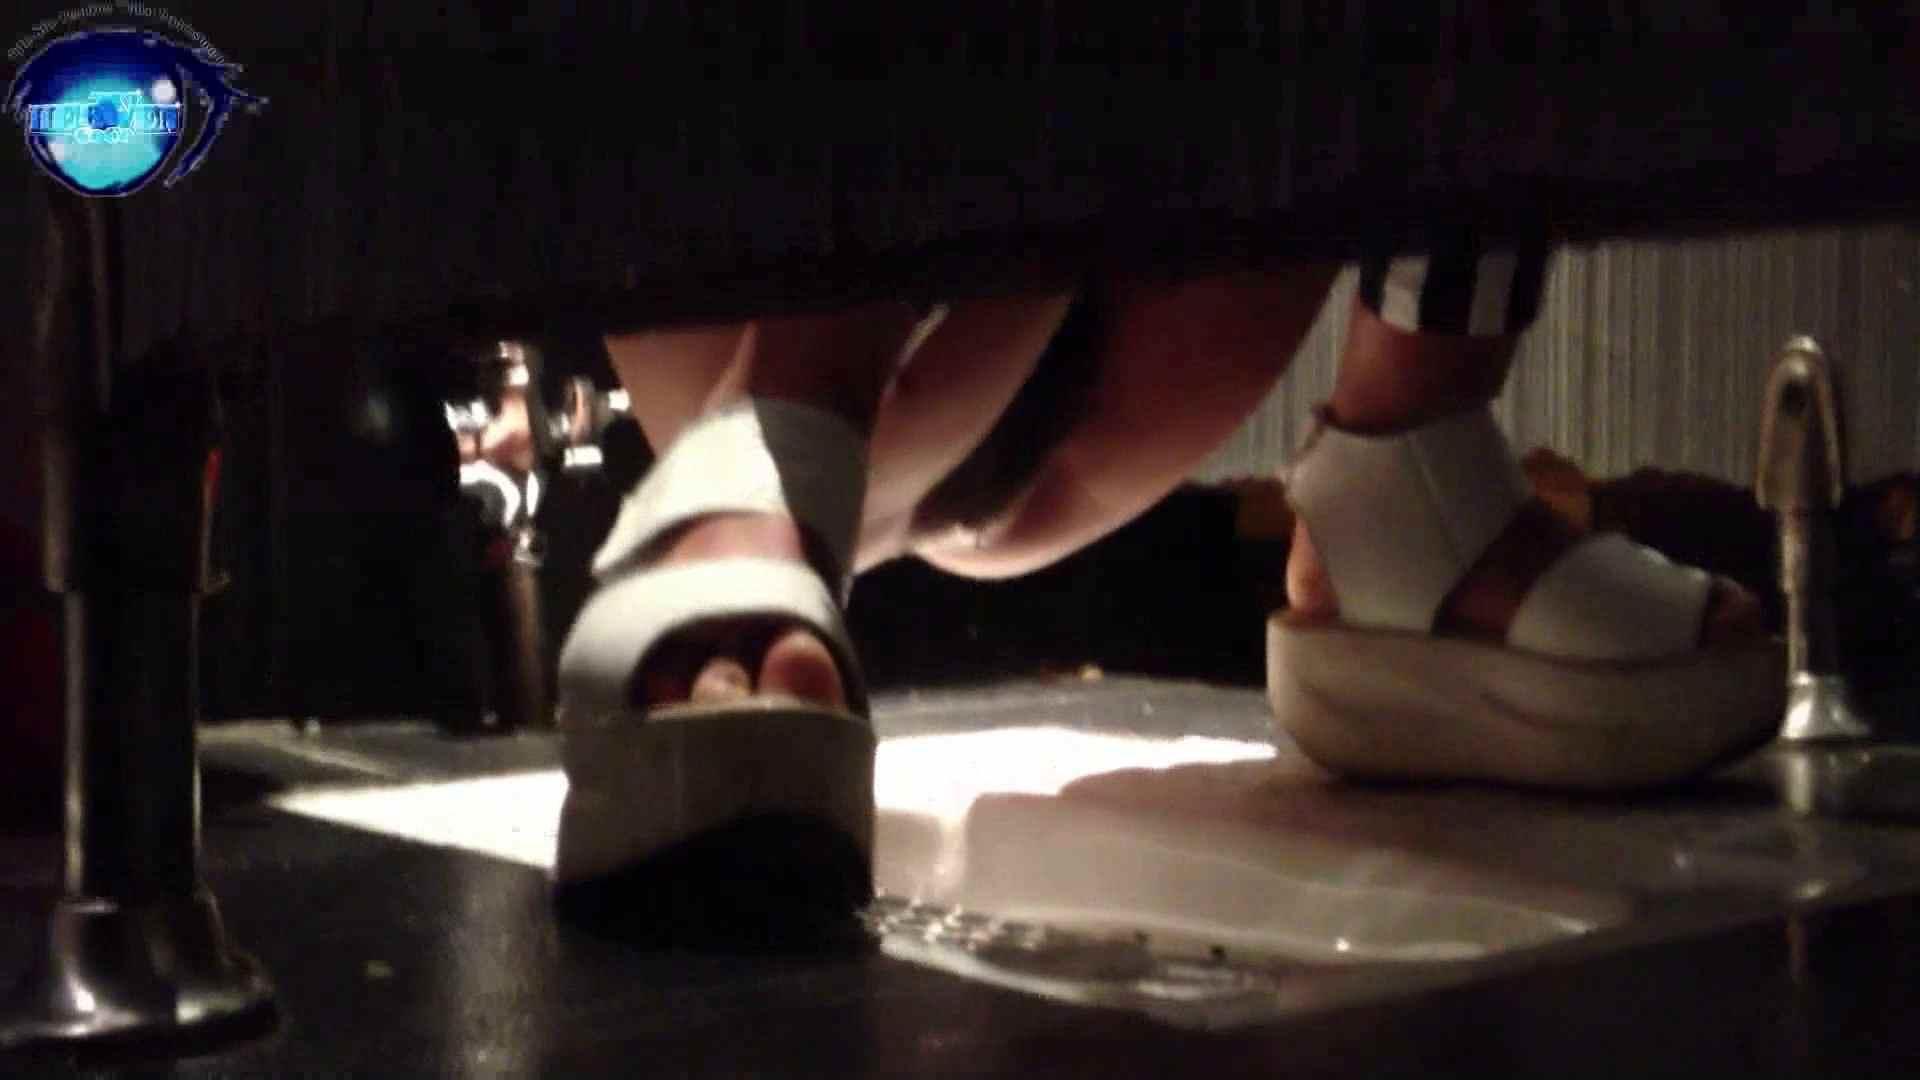 GOD HAND ファッションショッピングセンター盗撮vol.02前編 OLエロ画像 | 高画質  82PICs 19